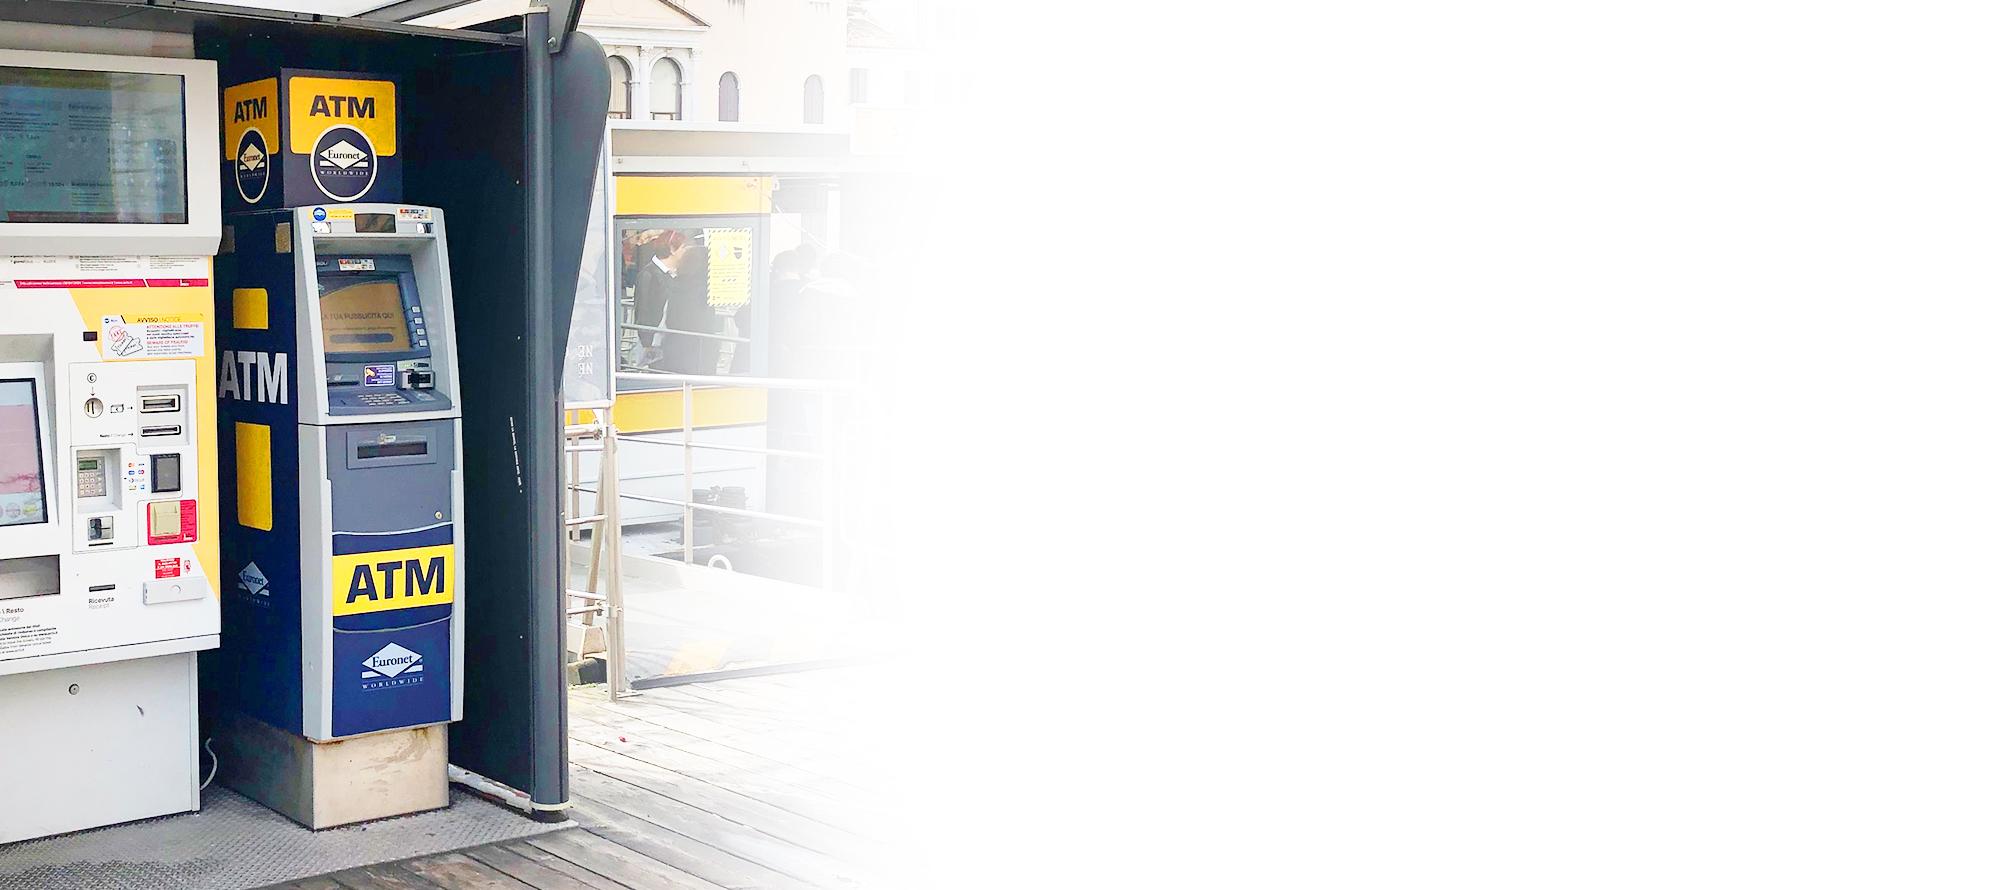 Provvederemo alla gestione e alla manutenzione del tuo ATM, garantendo un servizio di alto livello per i tuoi clienti.